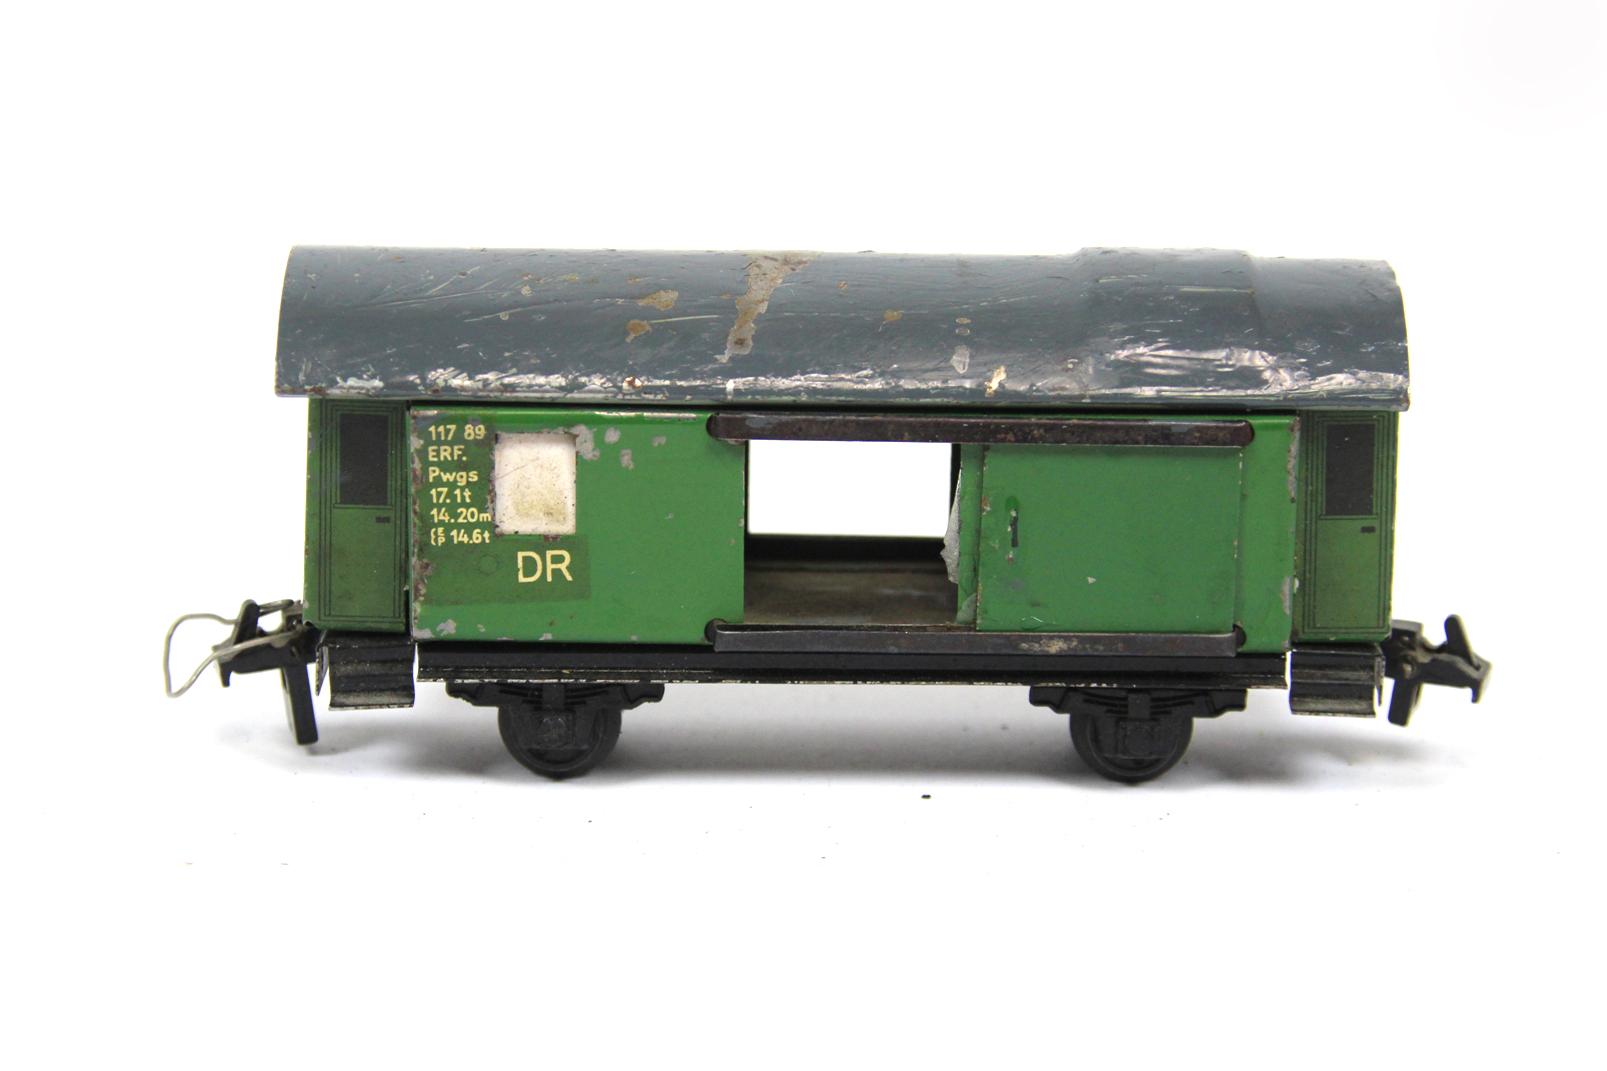 2 stadtilm packwagen 117 89 dr spur s ddr postwagen. Black Bedroom Furniture Sets. Home Design Ideas